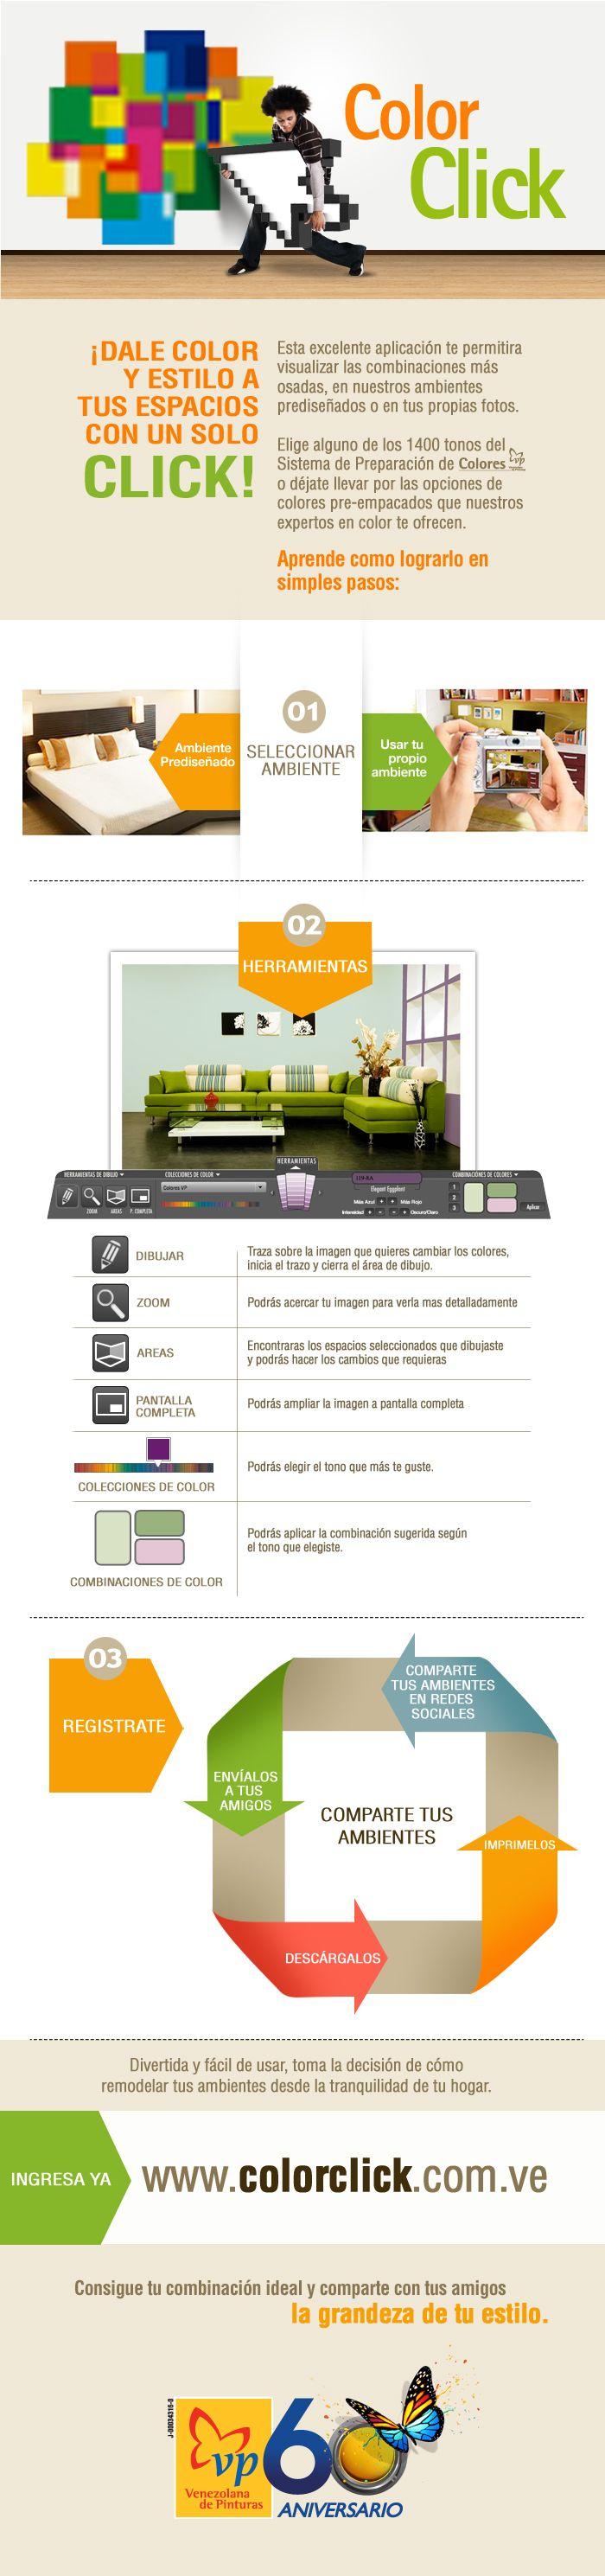 Aprende a usar nuestra nueva aplicación #ColorClick